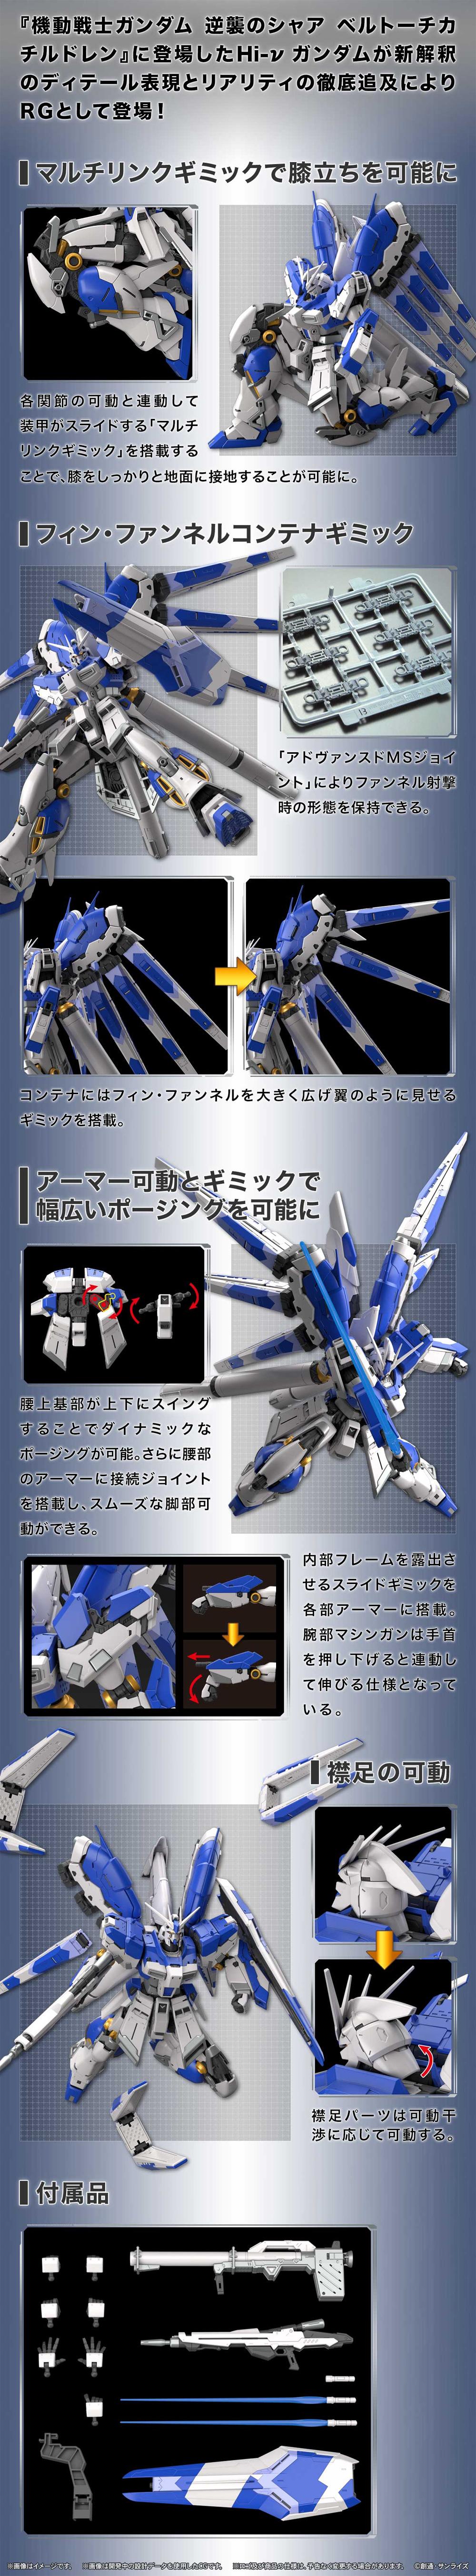 RX-98-ν2 Hi-ν ガンダムプラモデル(バンダイRG (リアルグレード)No.036)商品画像_4